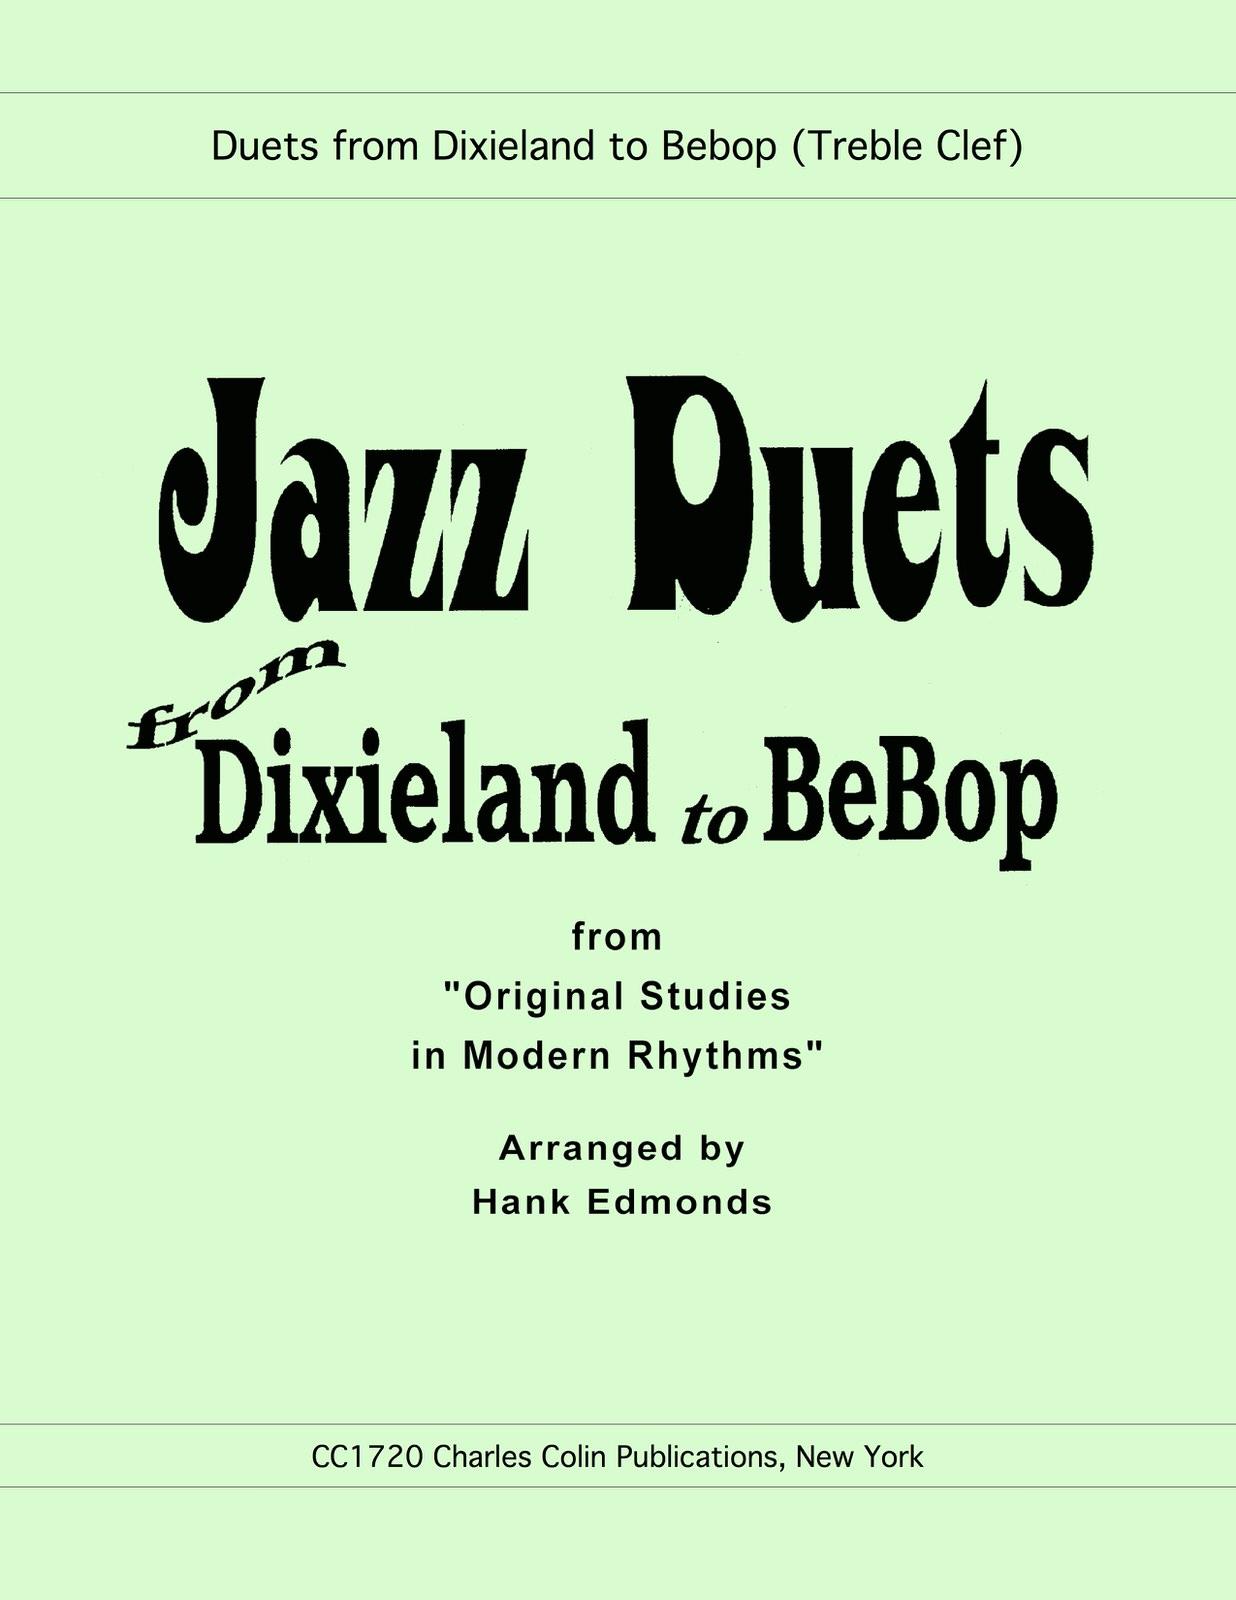 Edmonds, Jazz Duets from Dixie to Bebop-p01